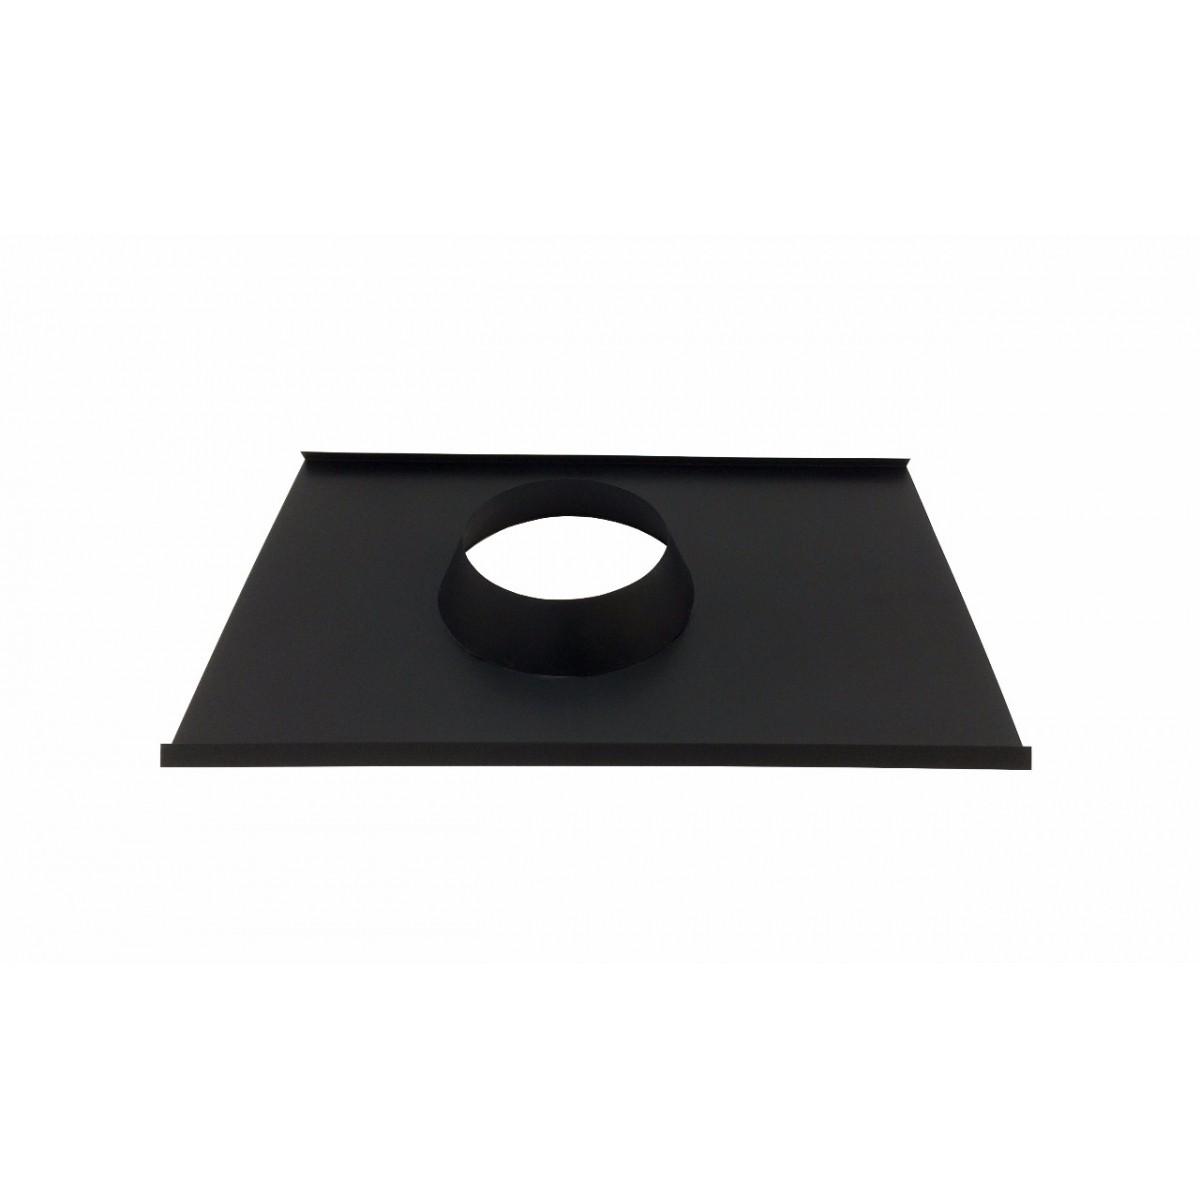 Rufo colarinho de telhado preto para chaminé de 230 mm de diâmetro  - Galvocalhas